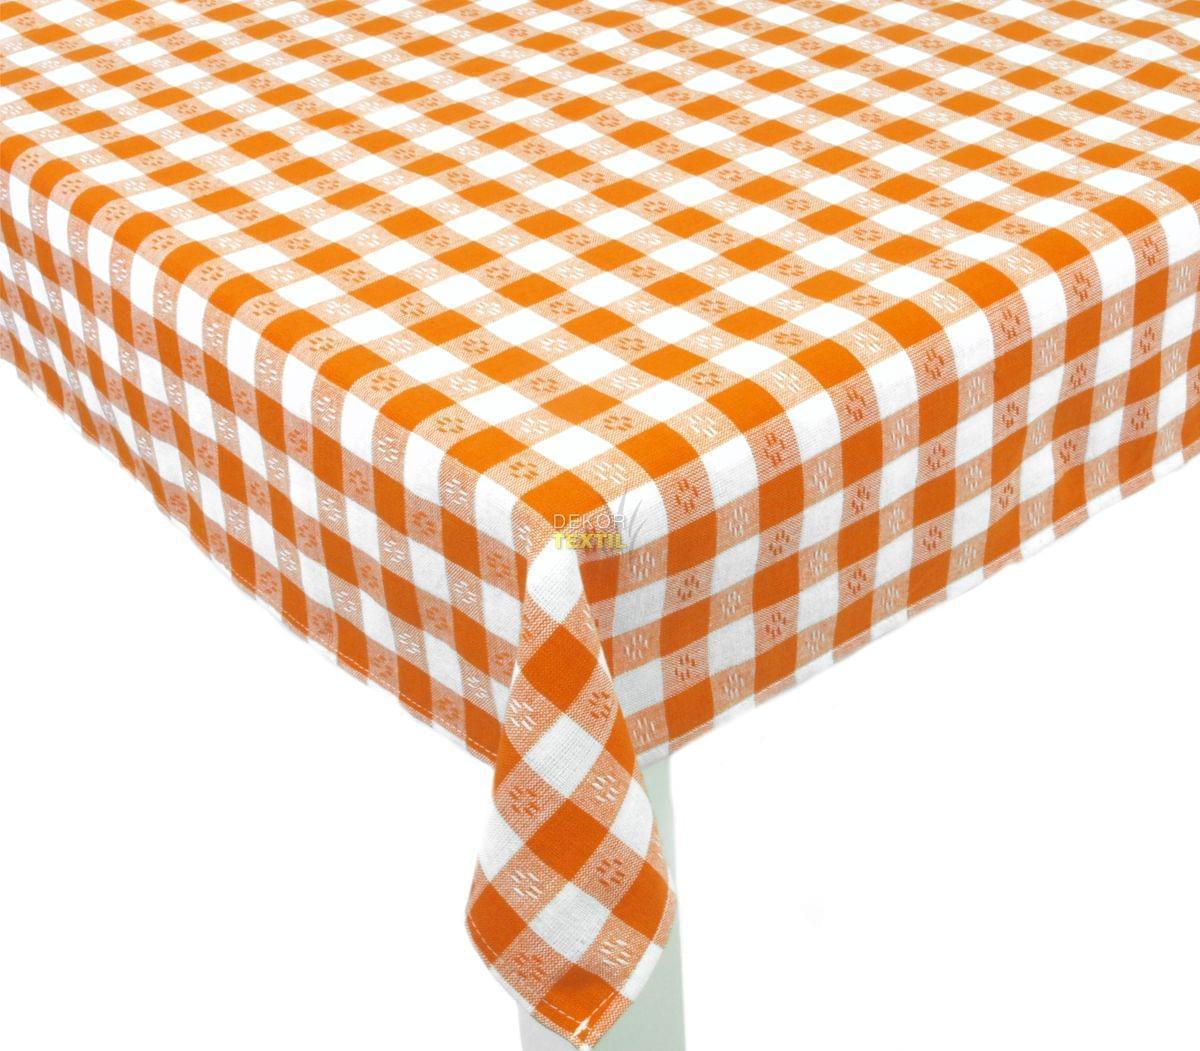 Forbyt, Ubrus bavlněný, Vintage káro, oranžový 140 x 180 cm